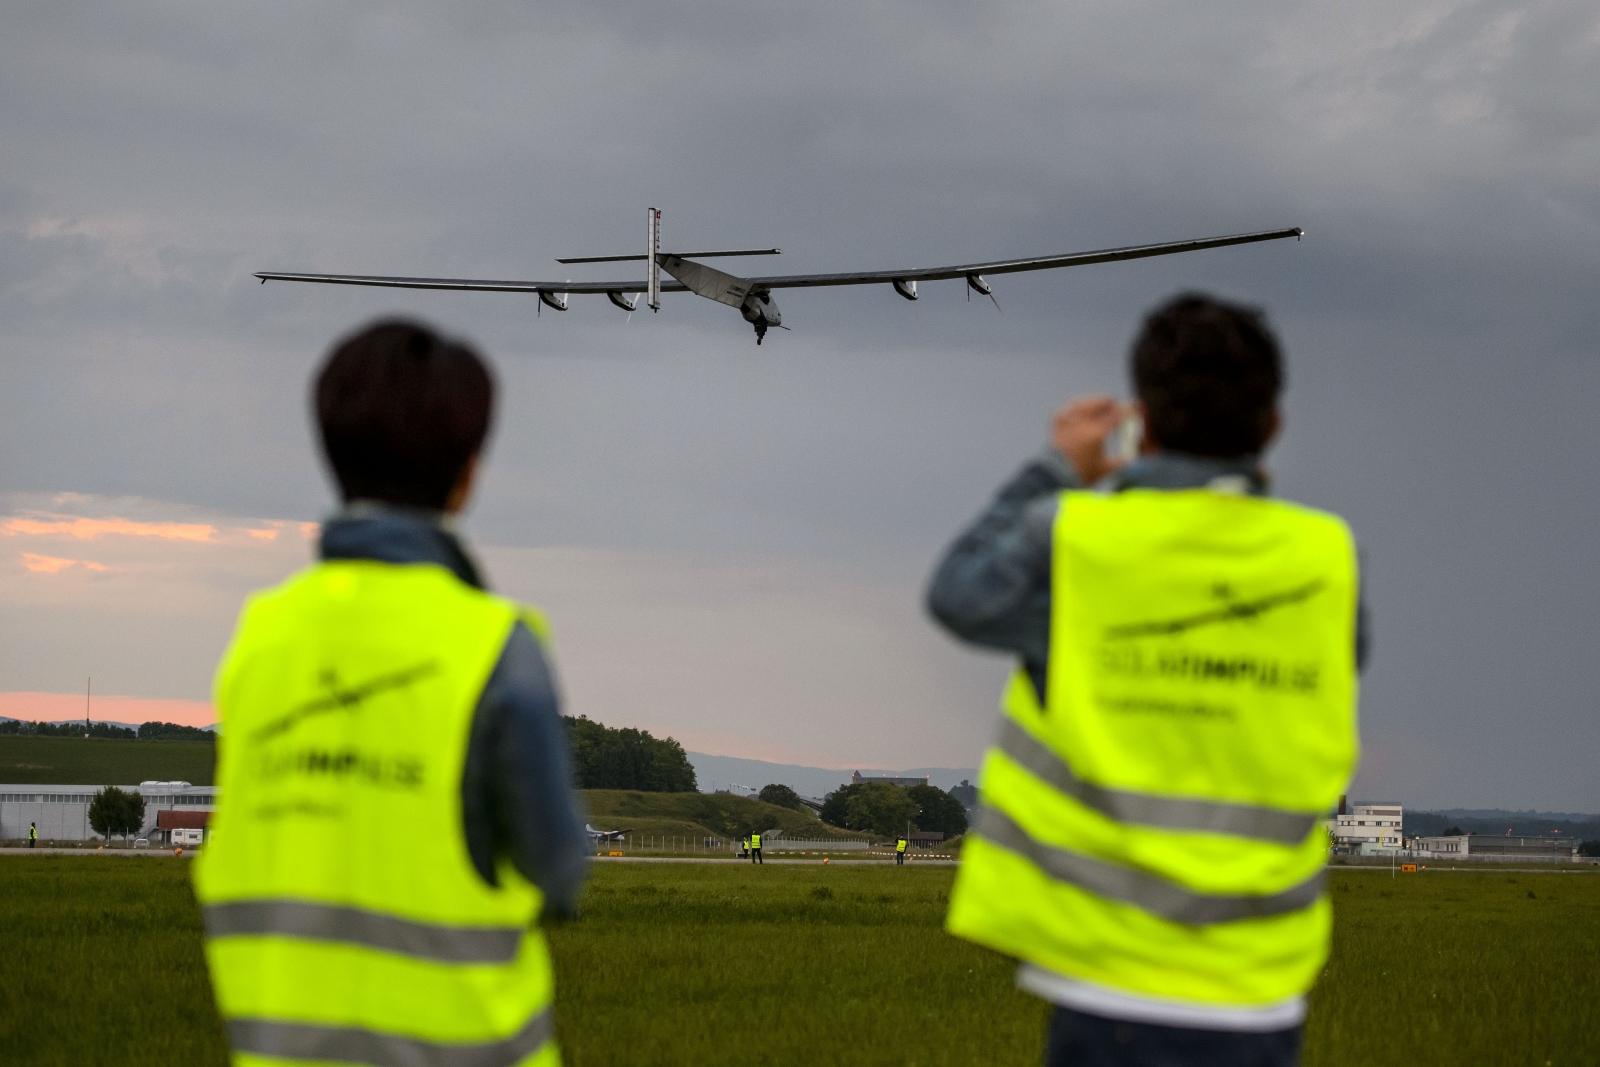 Solar Impulse 2 flight